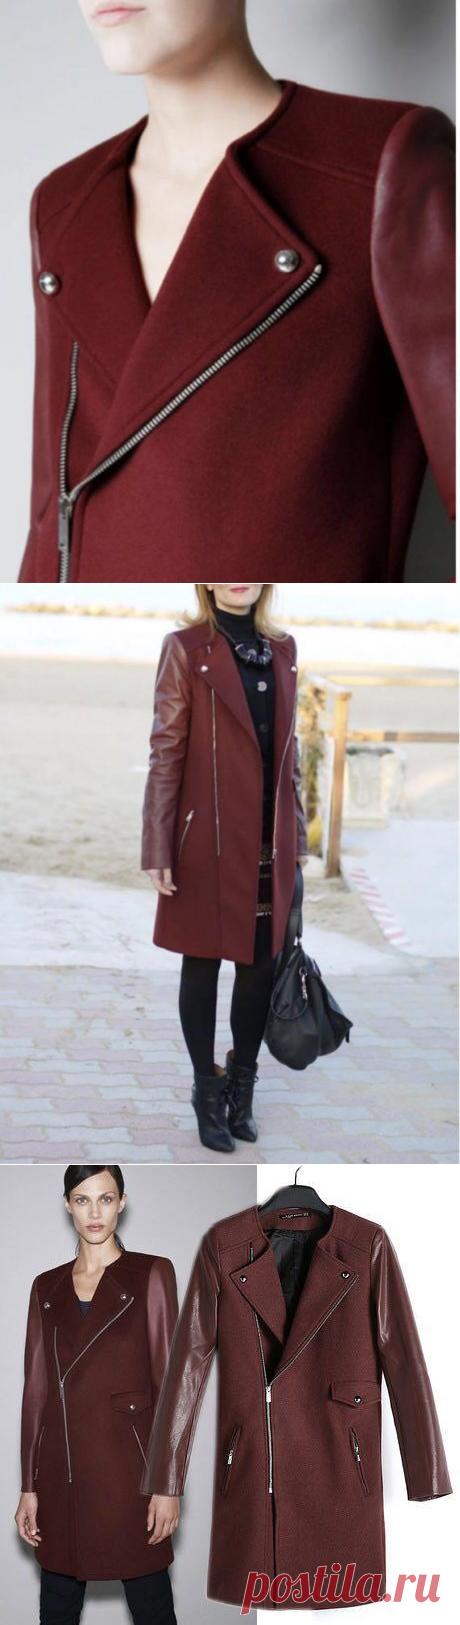 Пальто шерсть Zara с рукавами из нат кожи – купить в Санкт-Петербурге, цена 6400 руб., продано 13.02.2018 - Верхняя одежда